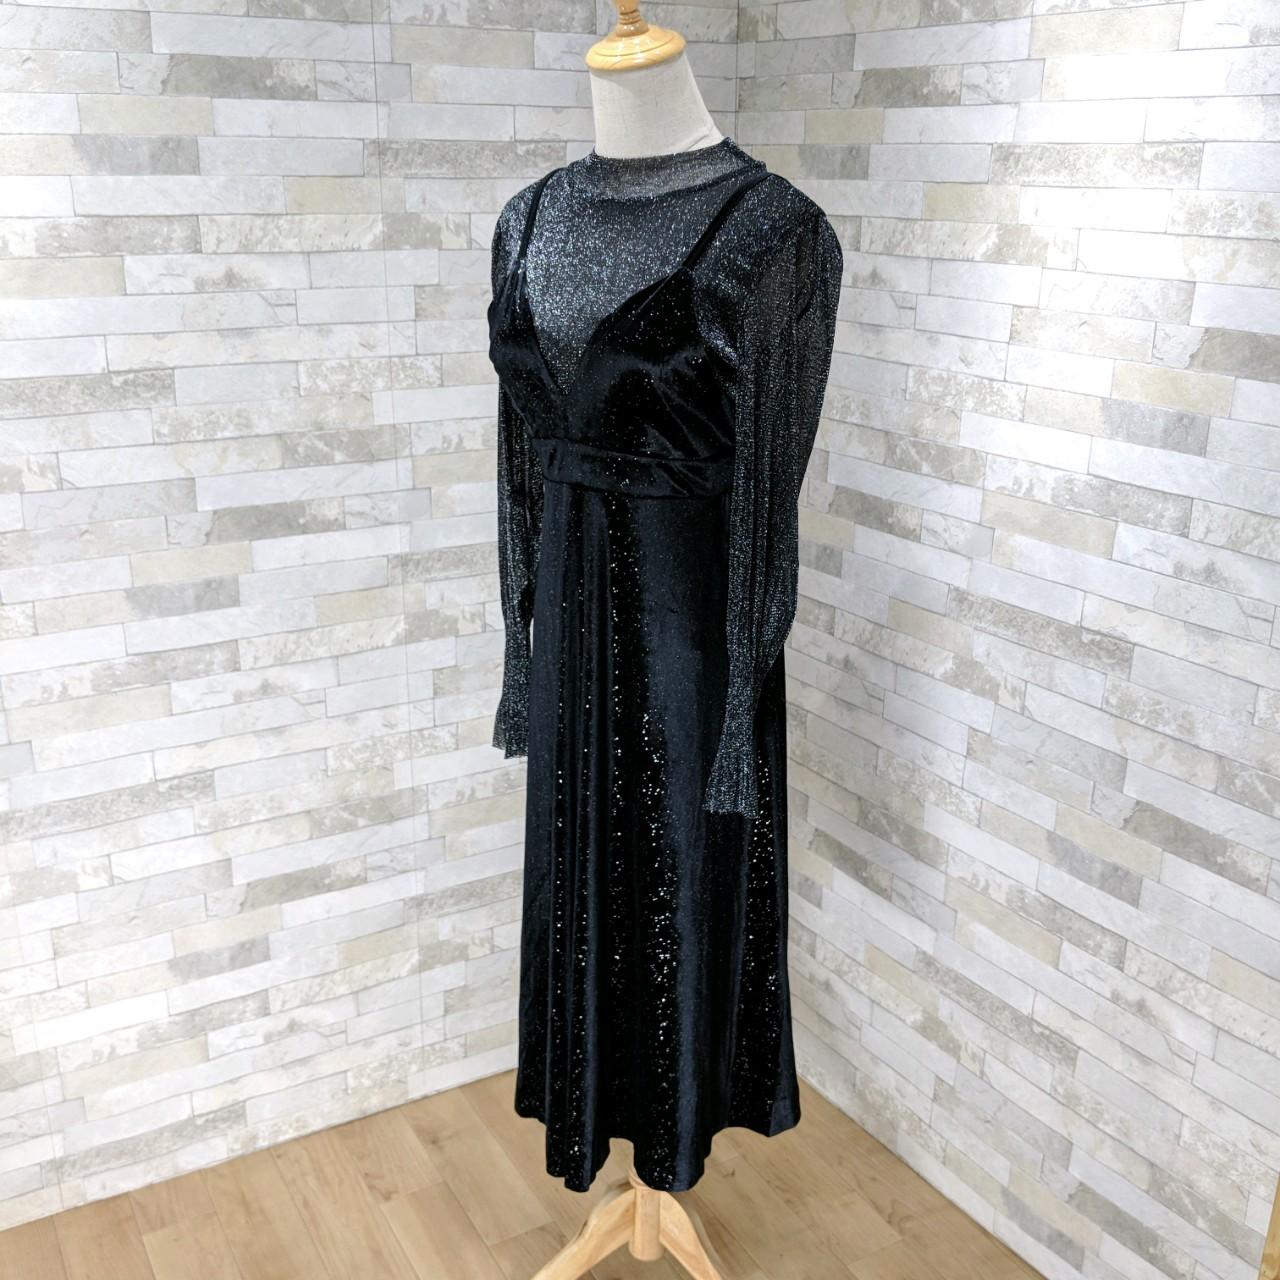 【即納】韓国 ファッション パーティードレス 結婚式 お呼ばれドレス セットアップ 春 秋 冬 パーティー ブライダル SPTXG143  シースルー ロングカフス キャミワ 二次会 セレブ きれいめの写真12枚目